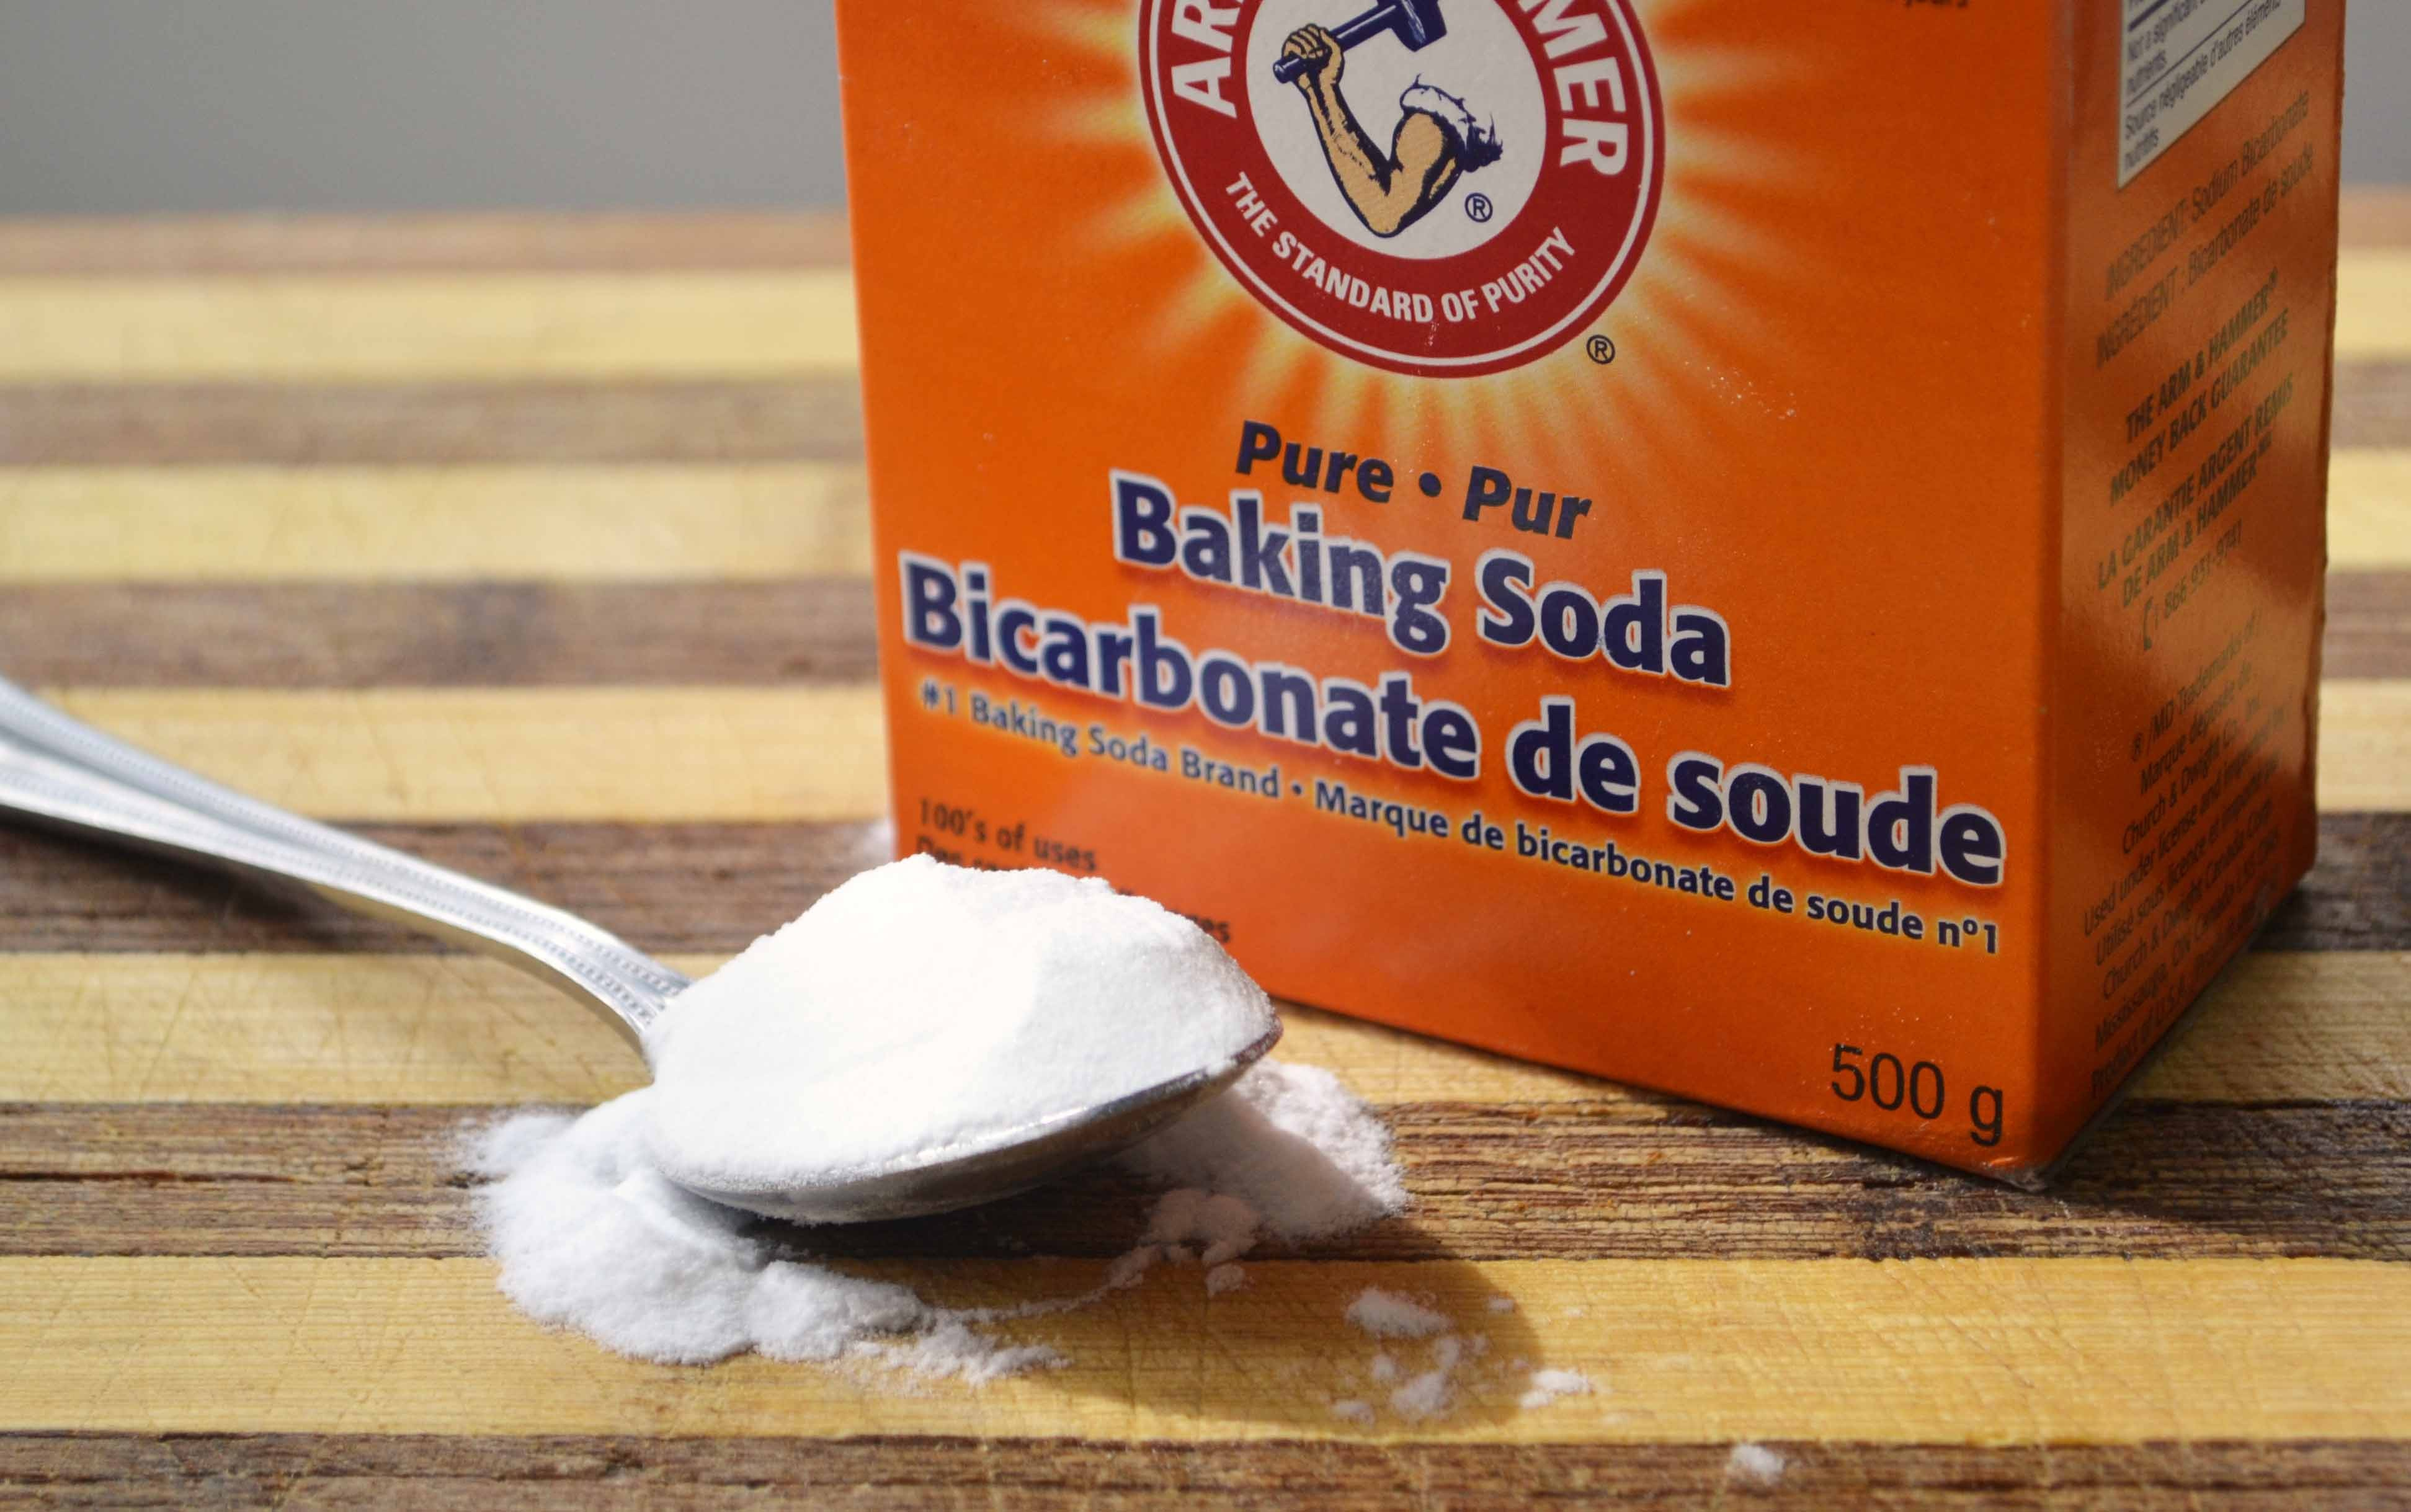 Baking soda làm bánh là gì